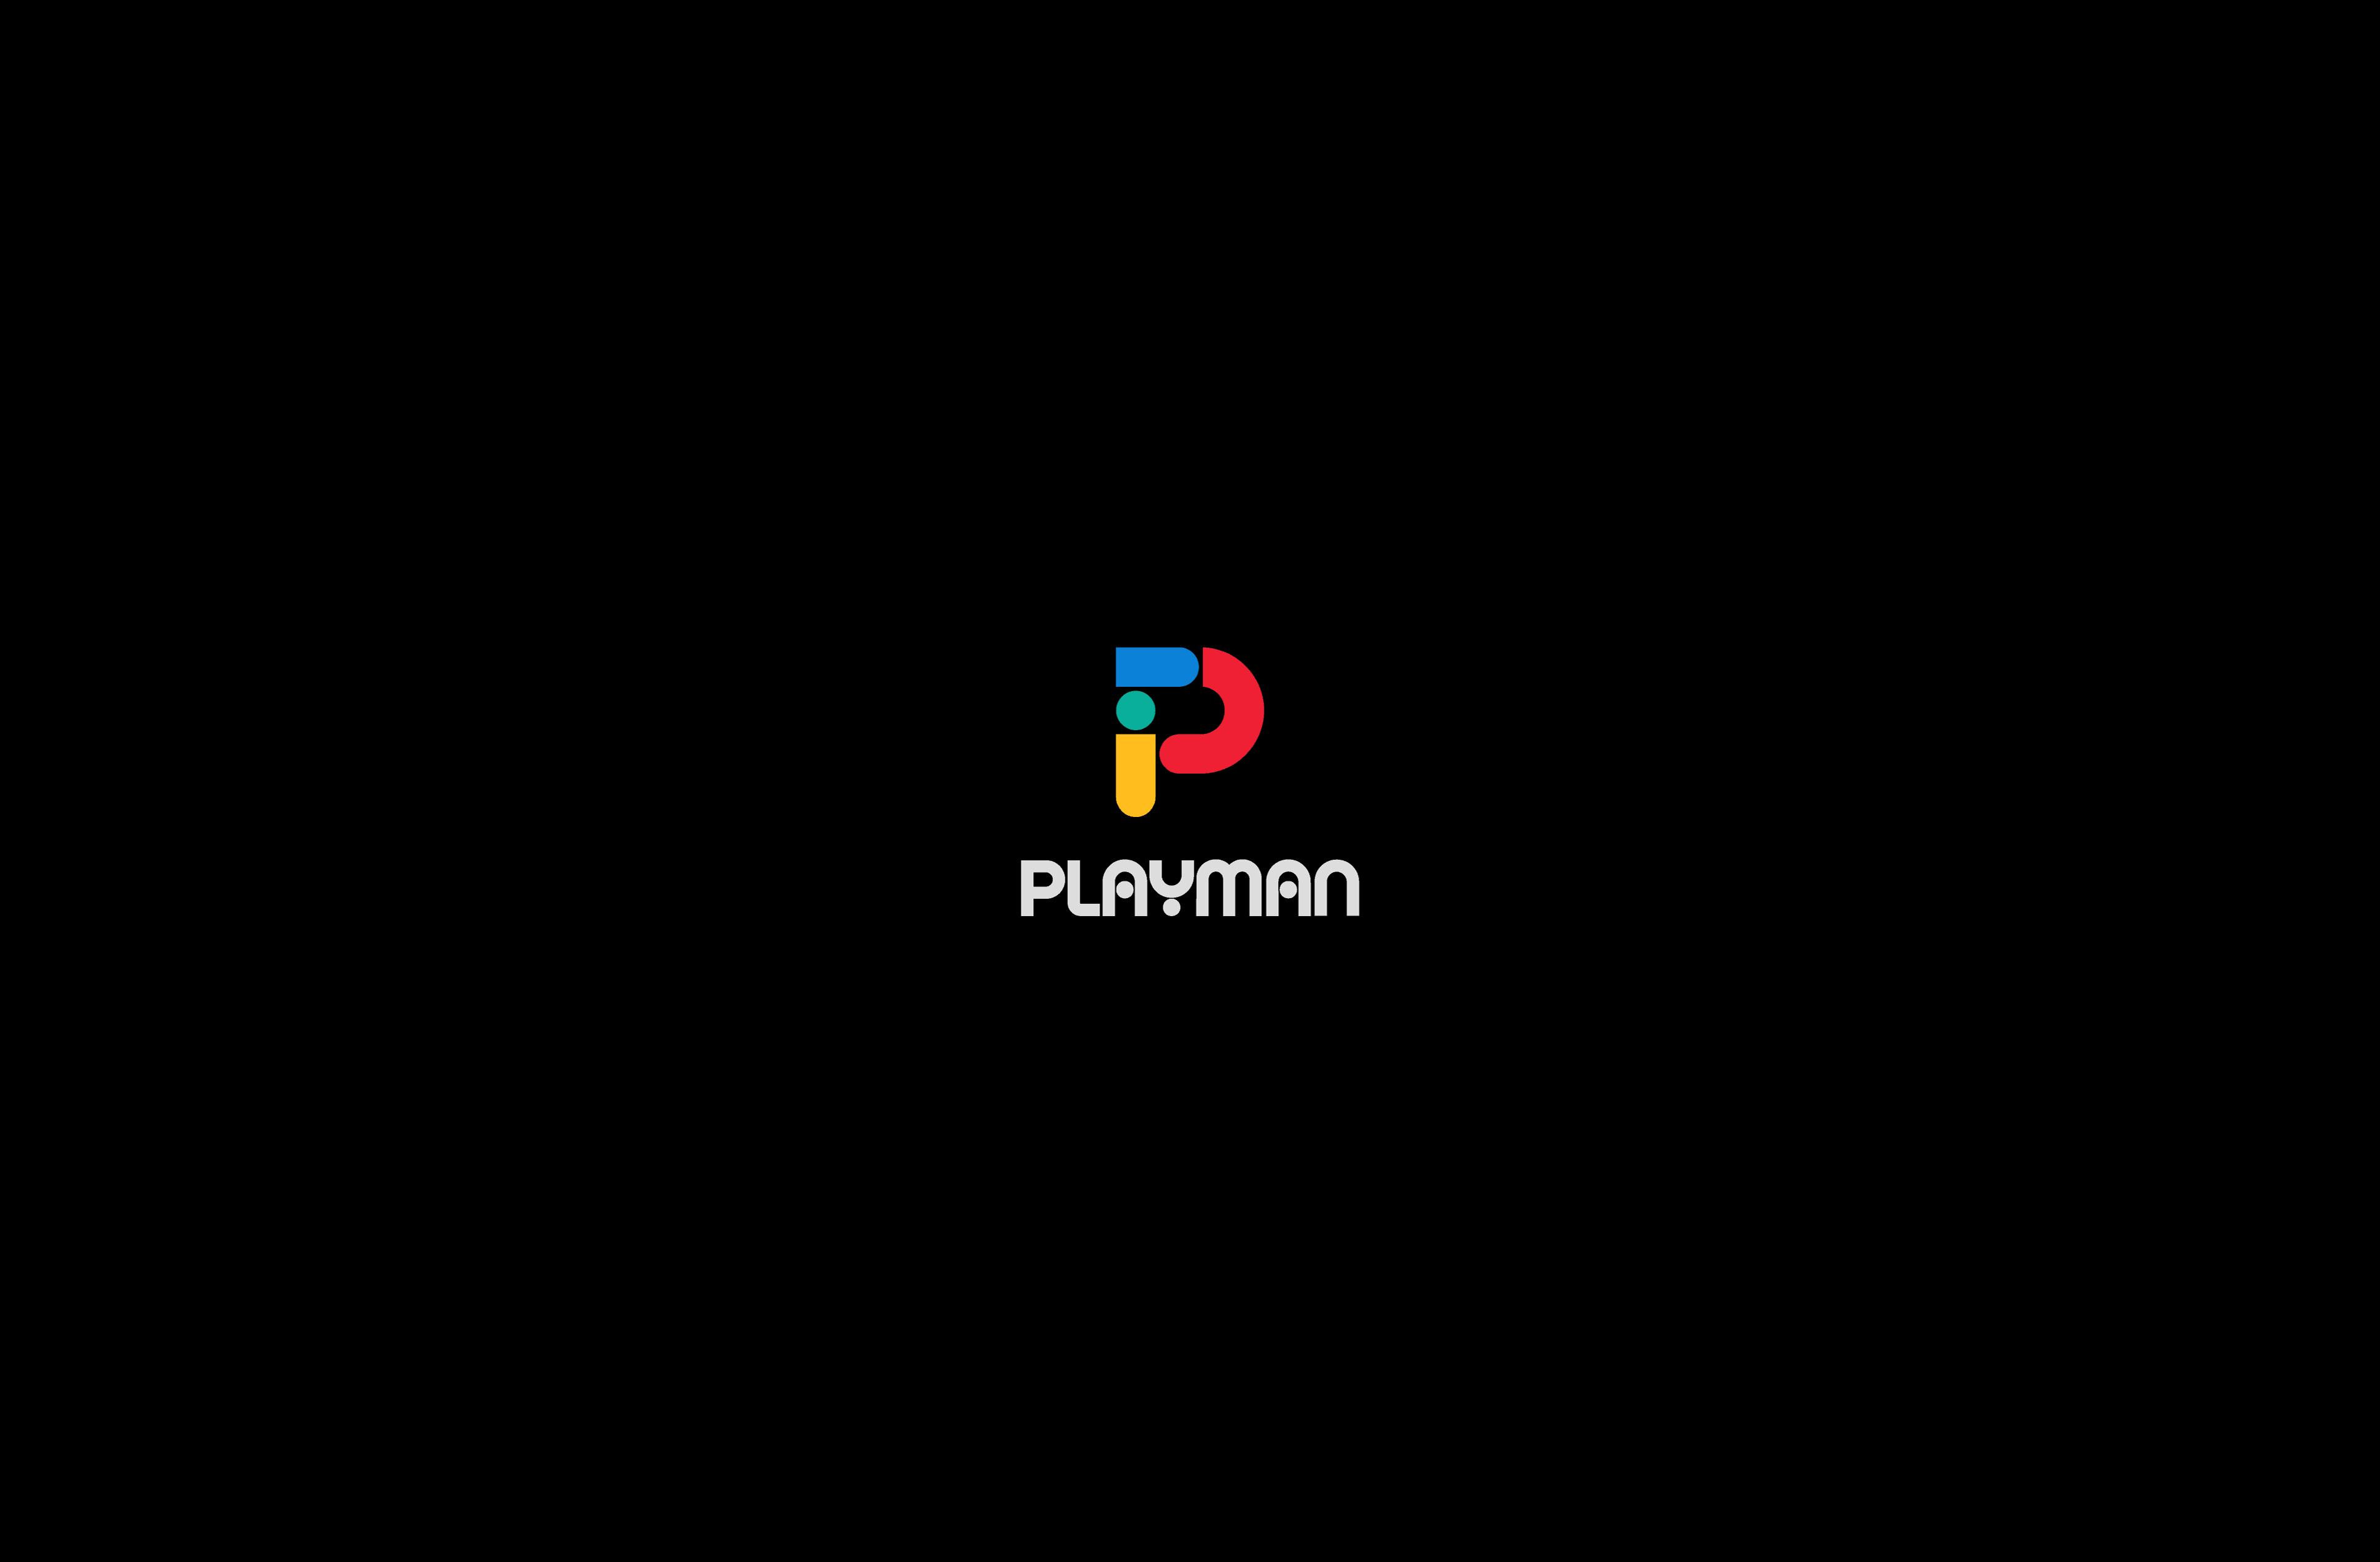 Playman-logo-2x